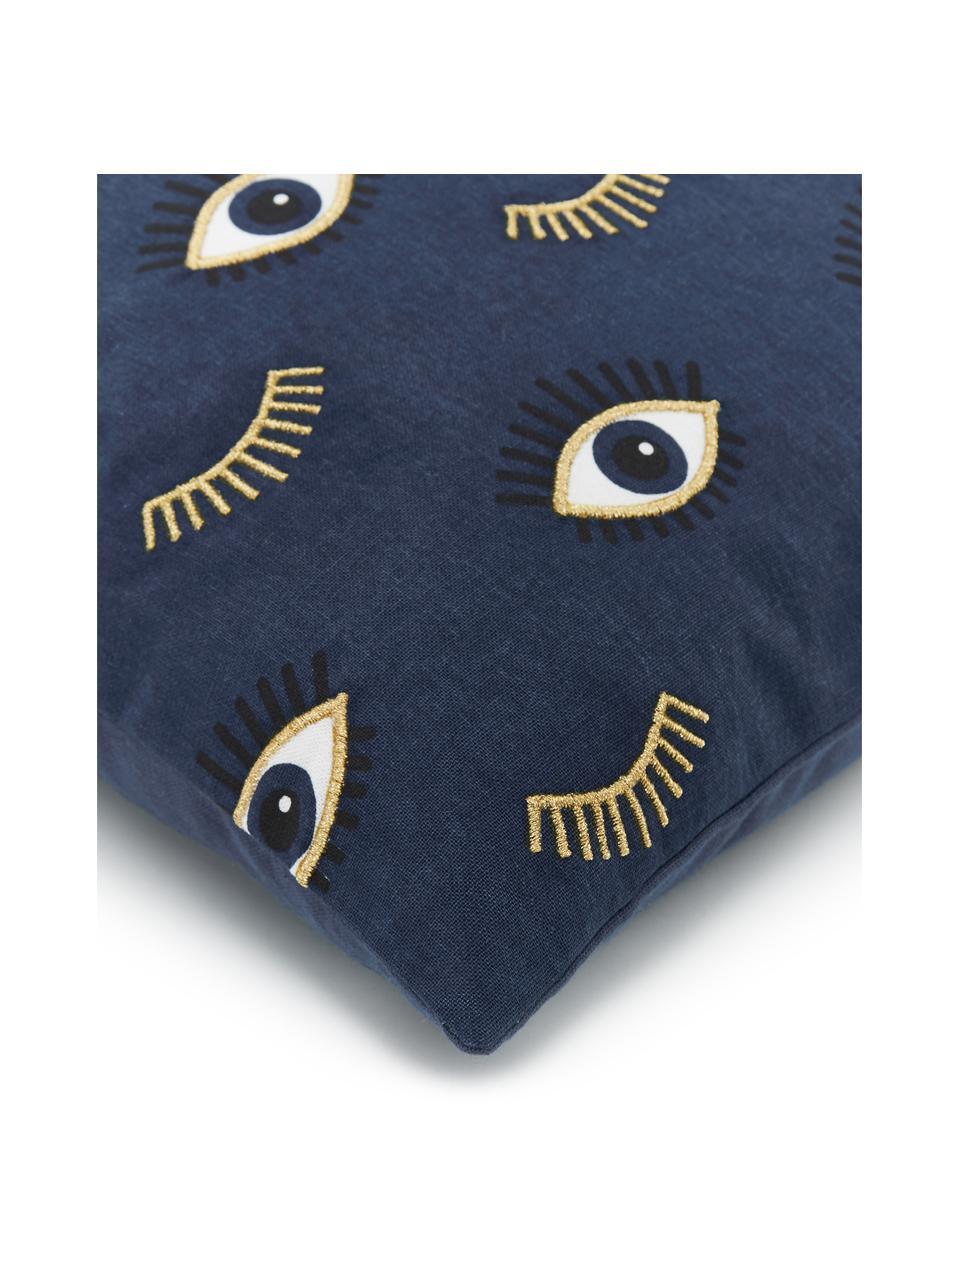 Bestickte Kissenhülle Observe mit Augenmotiven, 100% Baumwolle, Blau, 50 x 50 cm